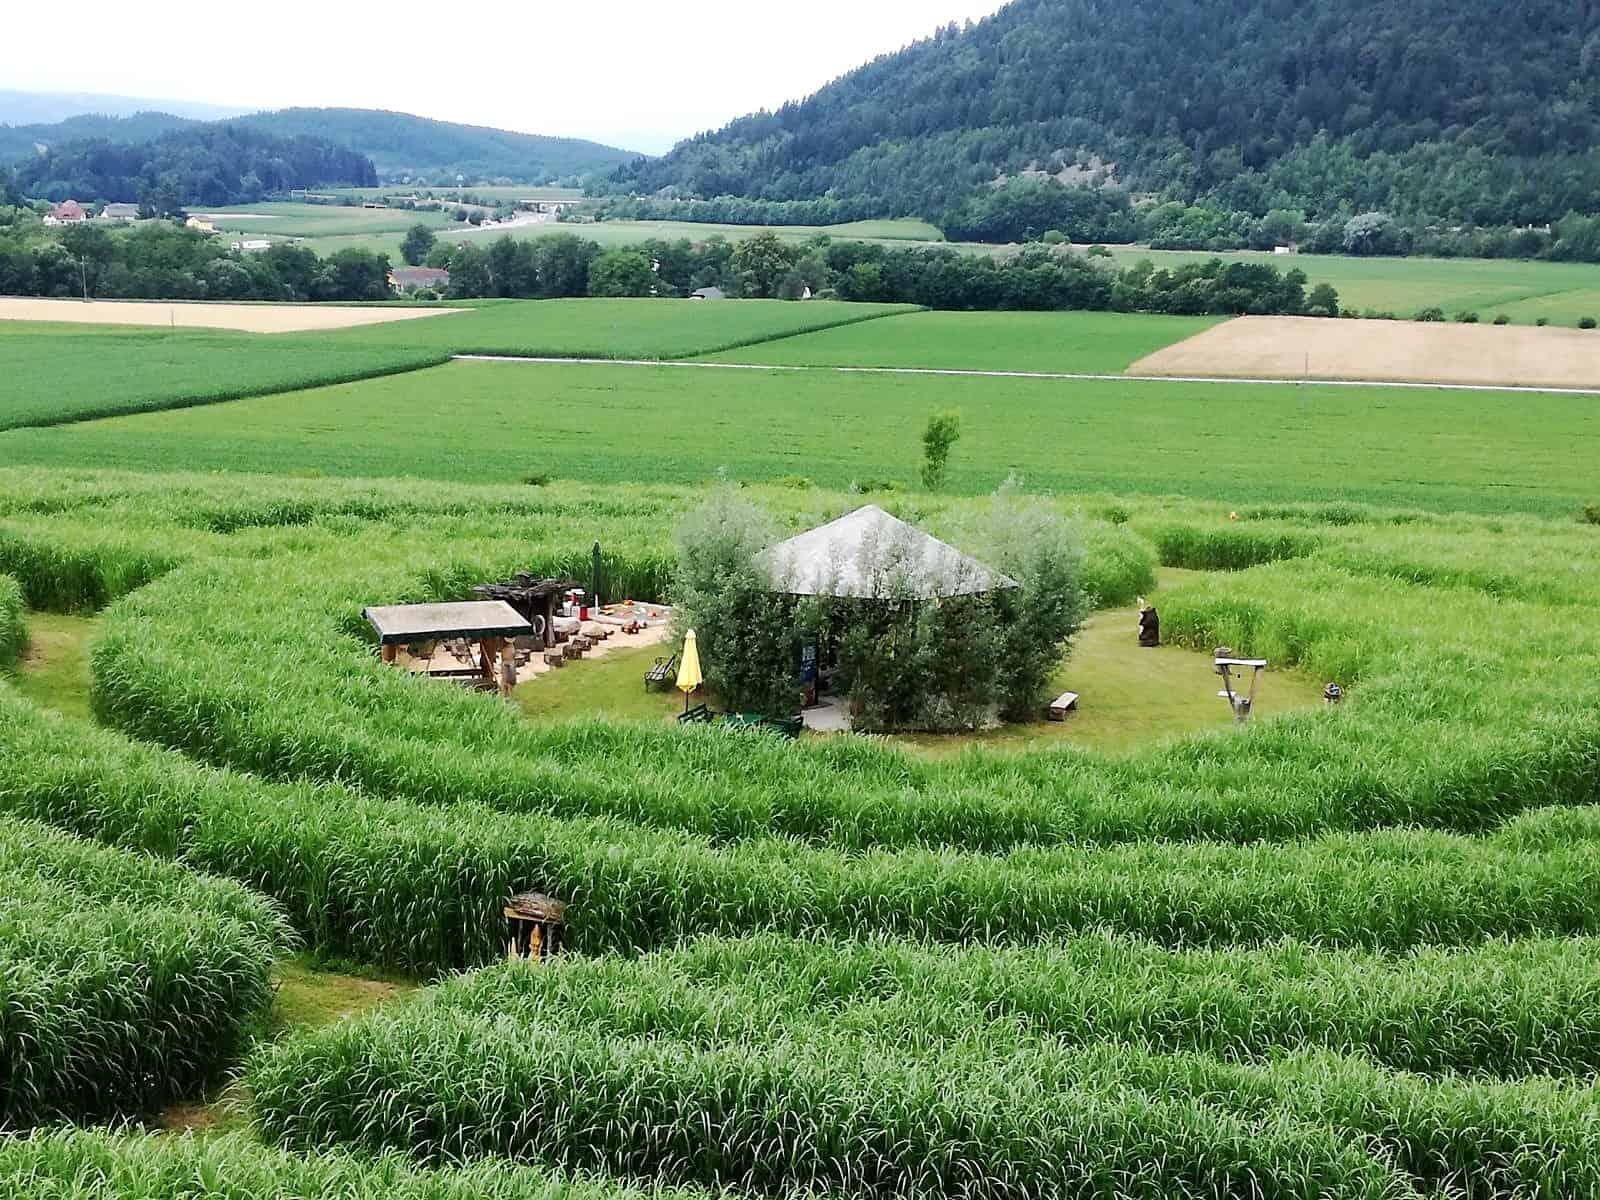 Labyrinth im Elefantengras, Ausflugsziel in Völkermarkt - Ferienregion Klopeinersee in Kärnten bei Österreich Urlaub